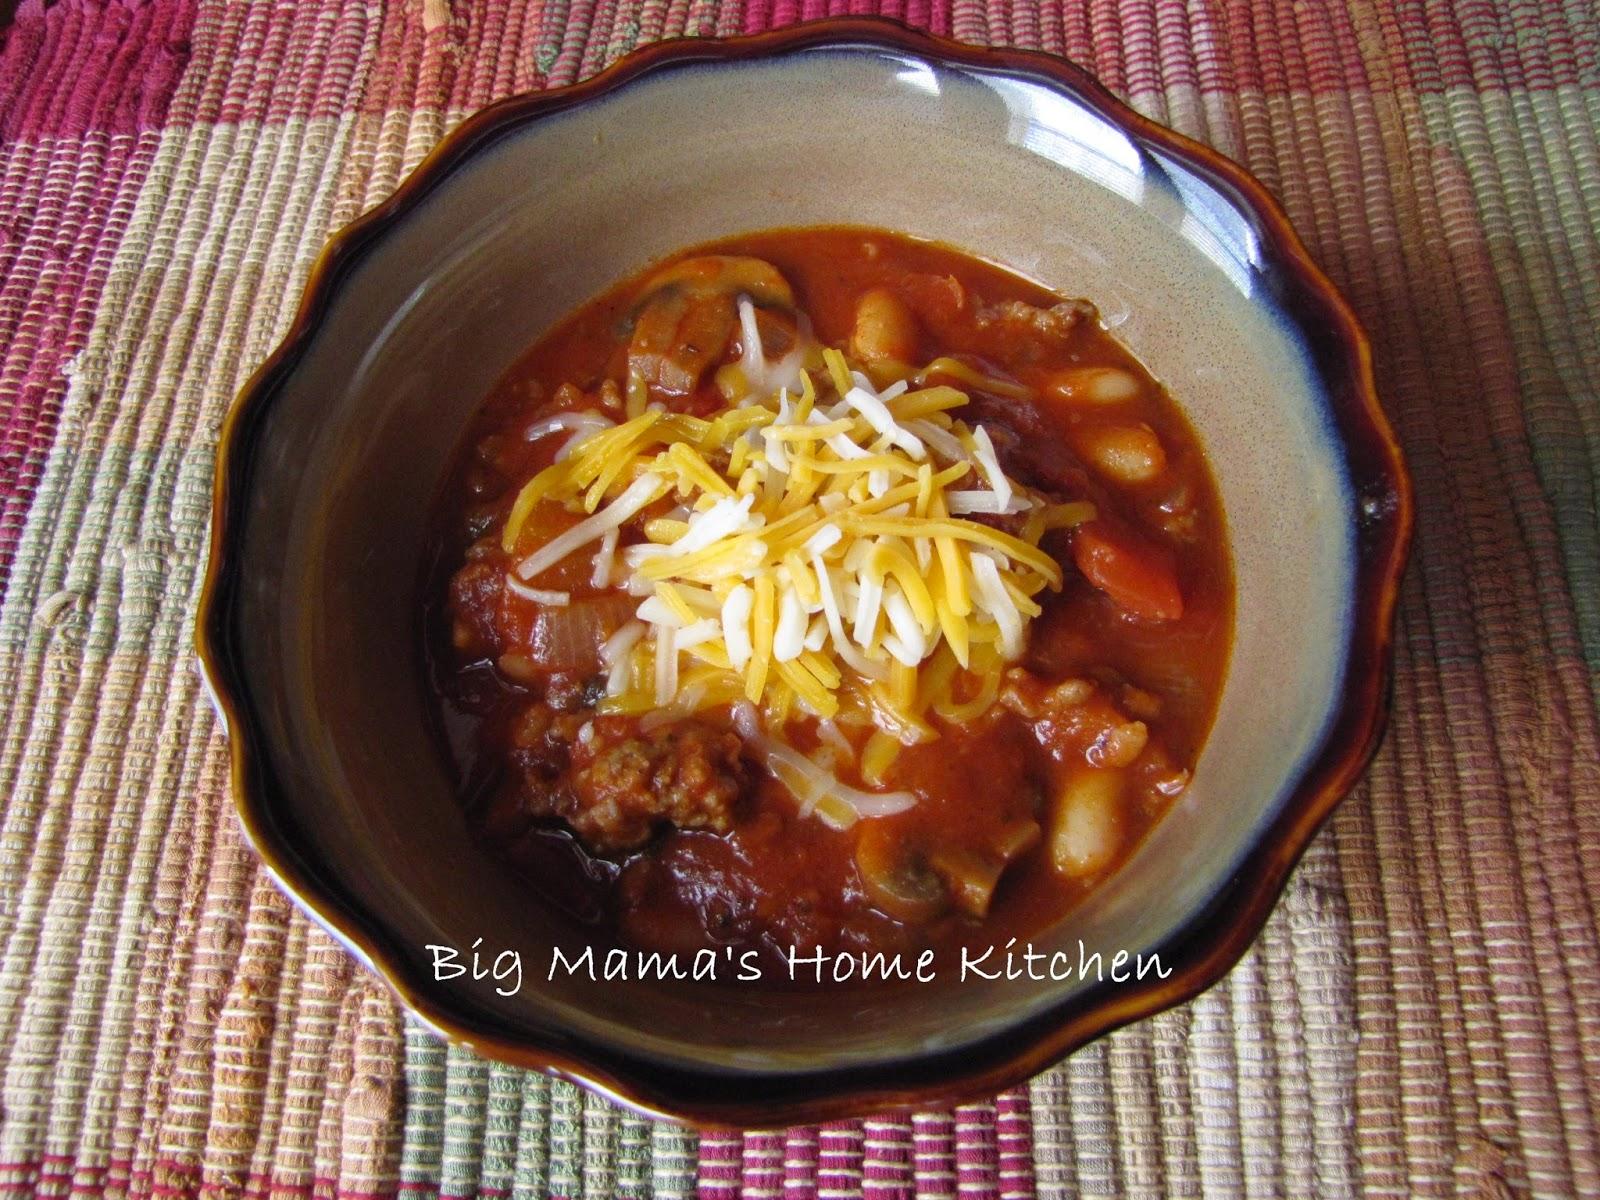 Fresh Big Mama's Home Kitchen: 11/1/10 - 12/1/10 MS89